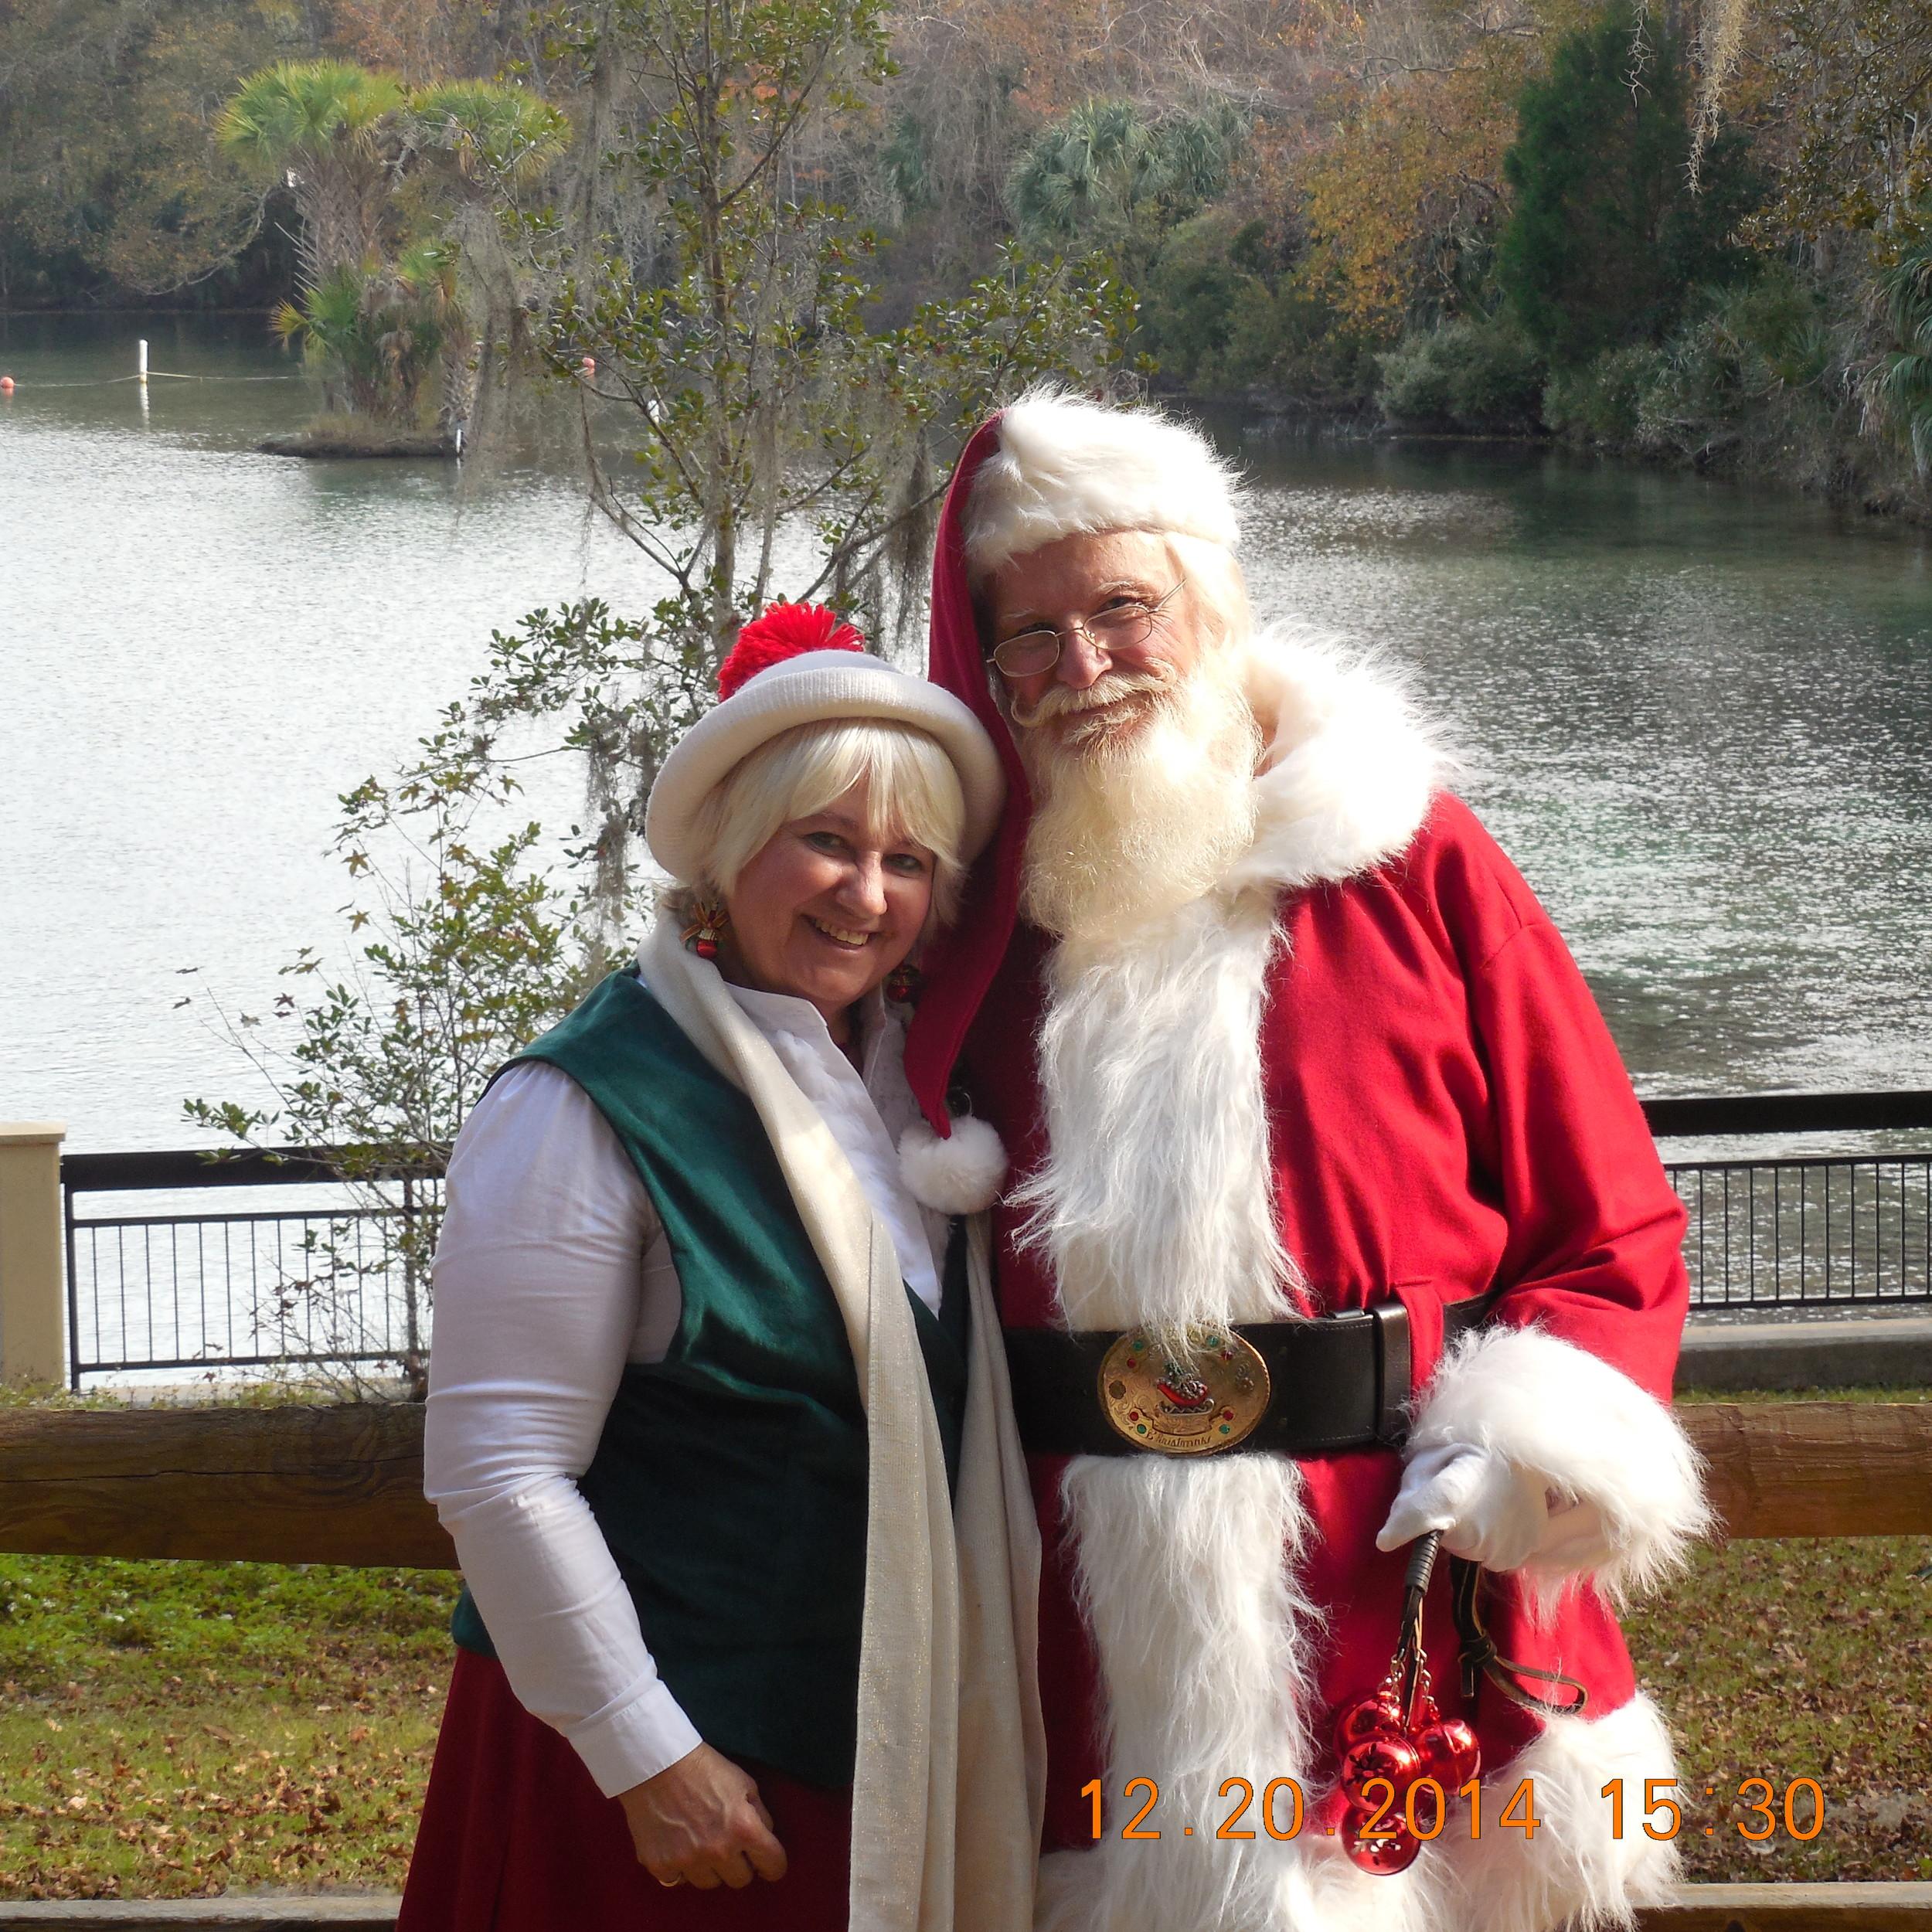 Mr & Mrs Santa Claus